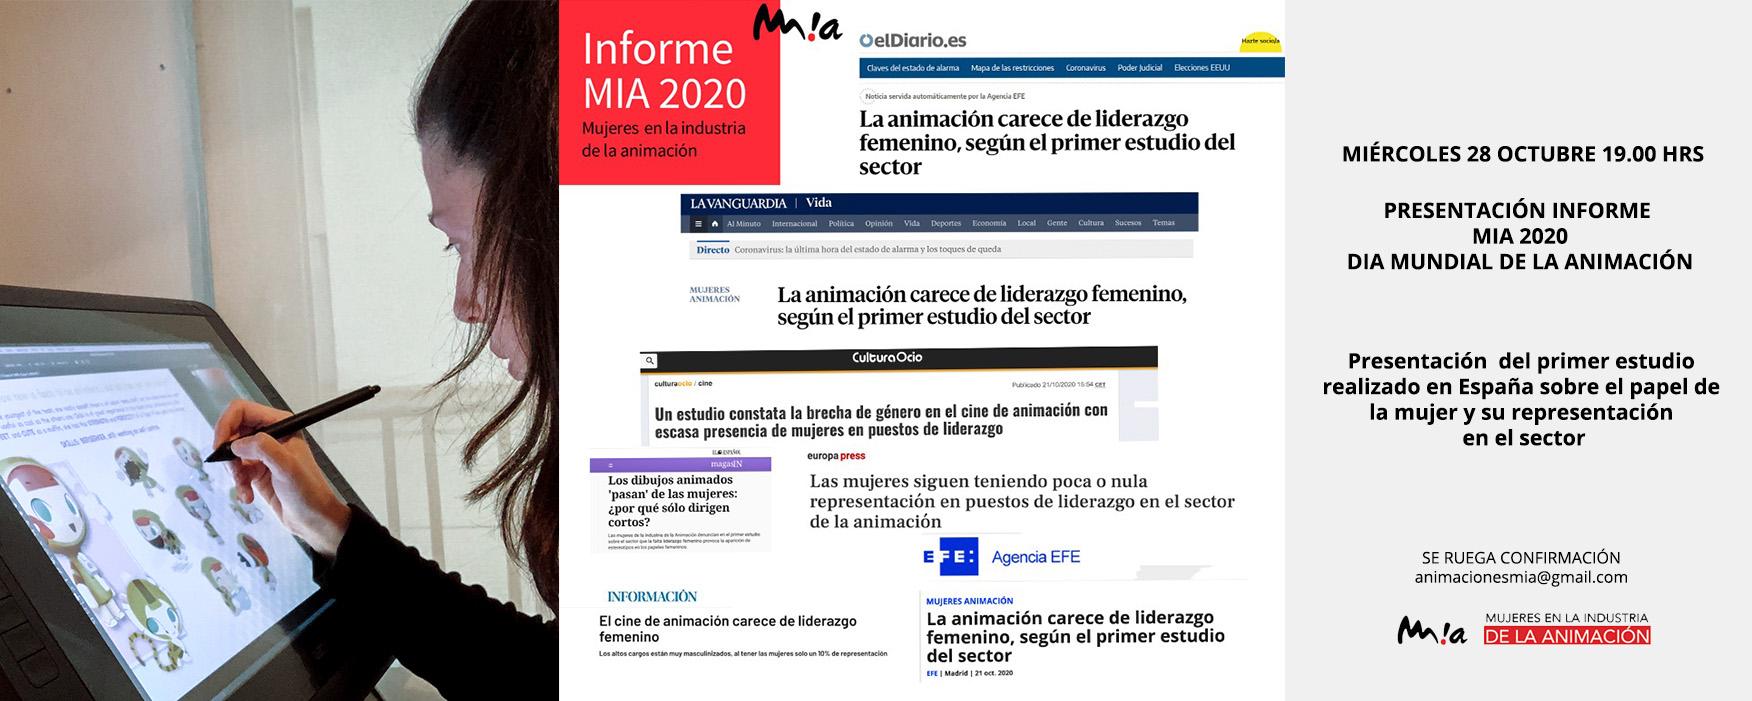 Presentación Informe MIA